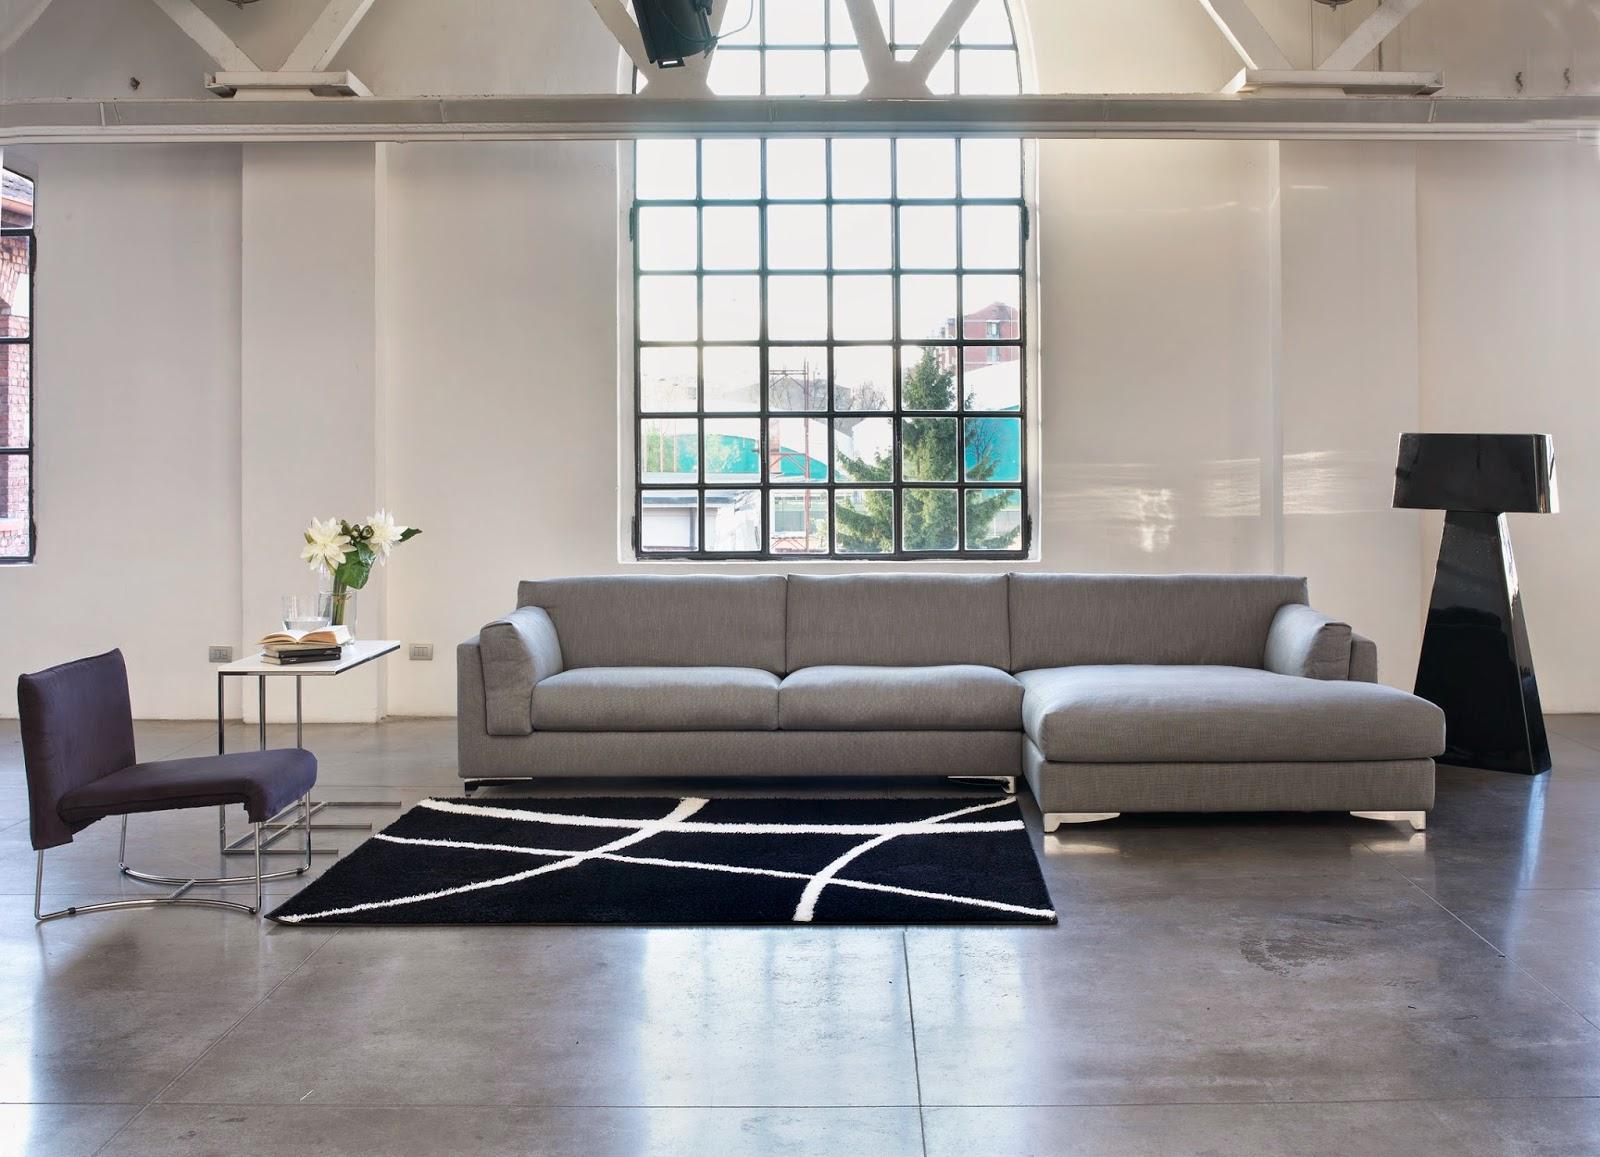 Divani blog tino mariani divani personalizzati e su - Copridivano chaise longue su misura ...